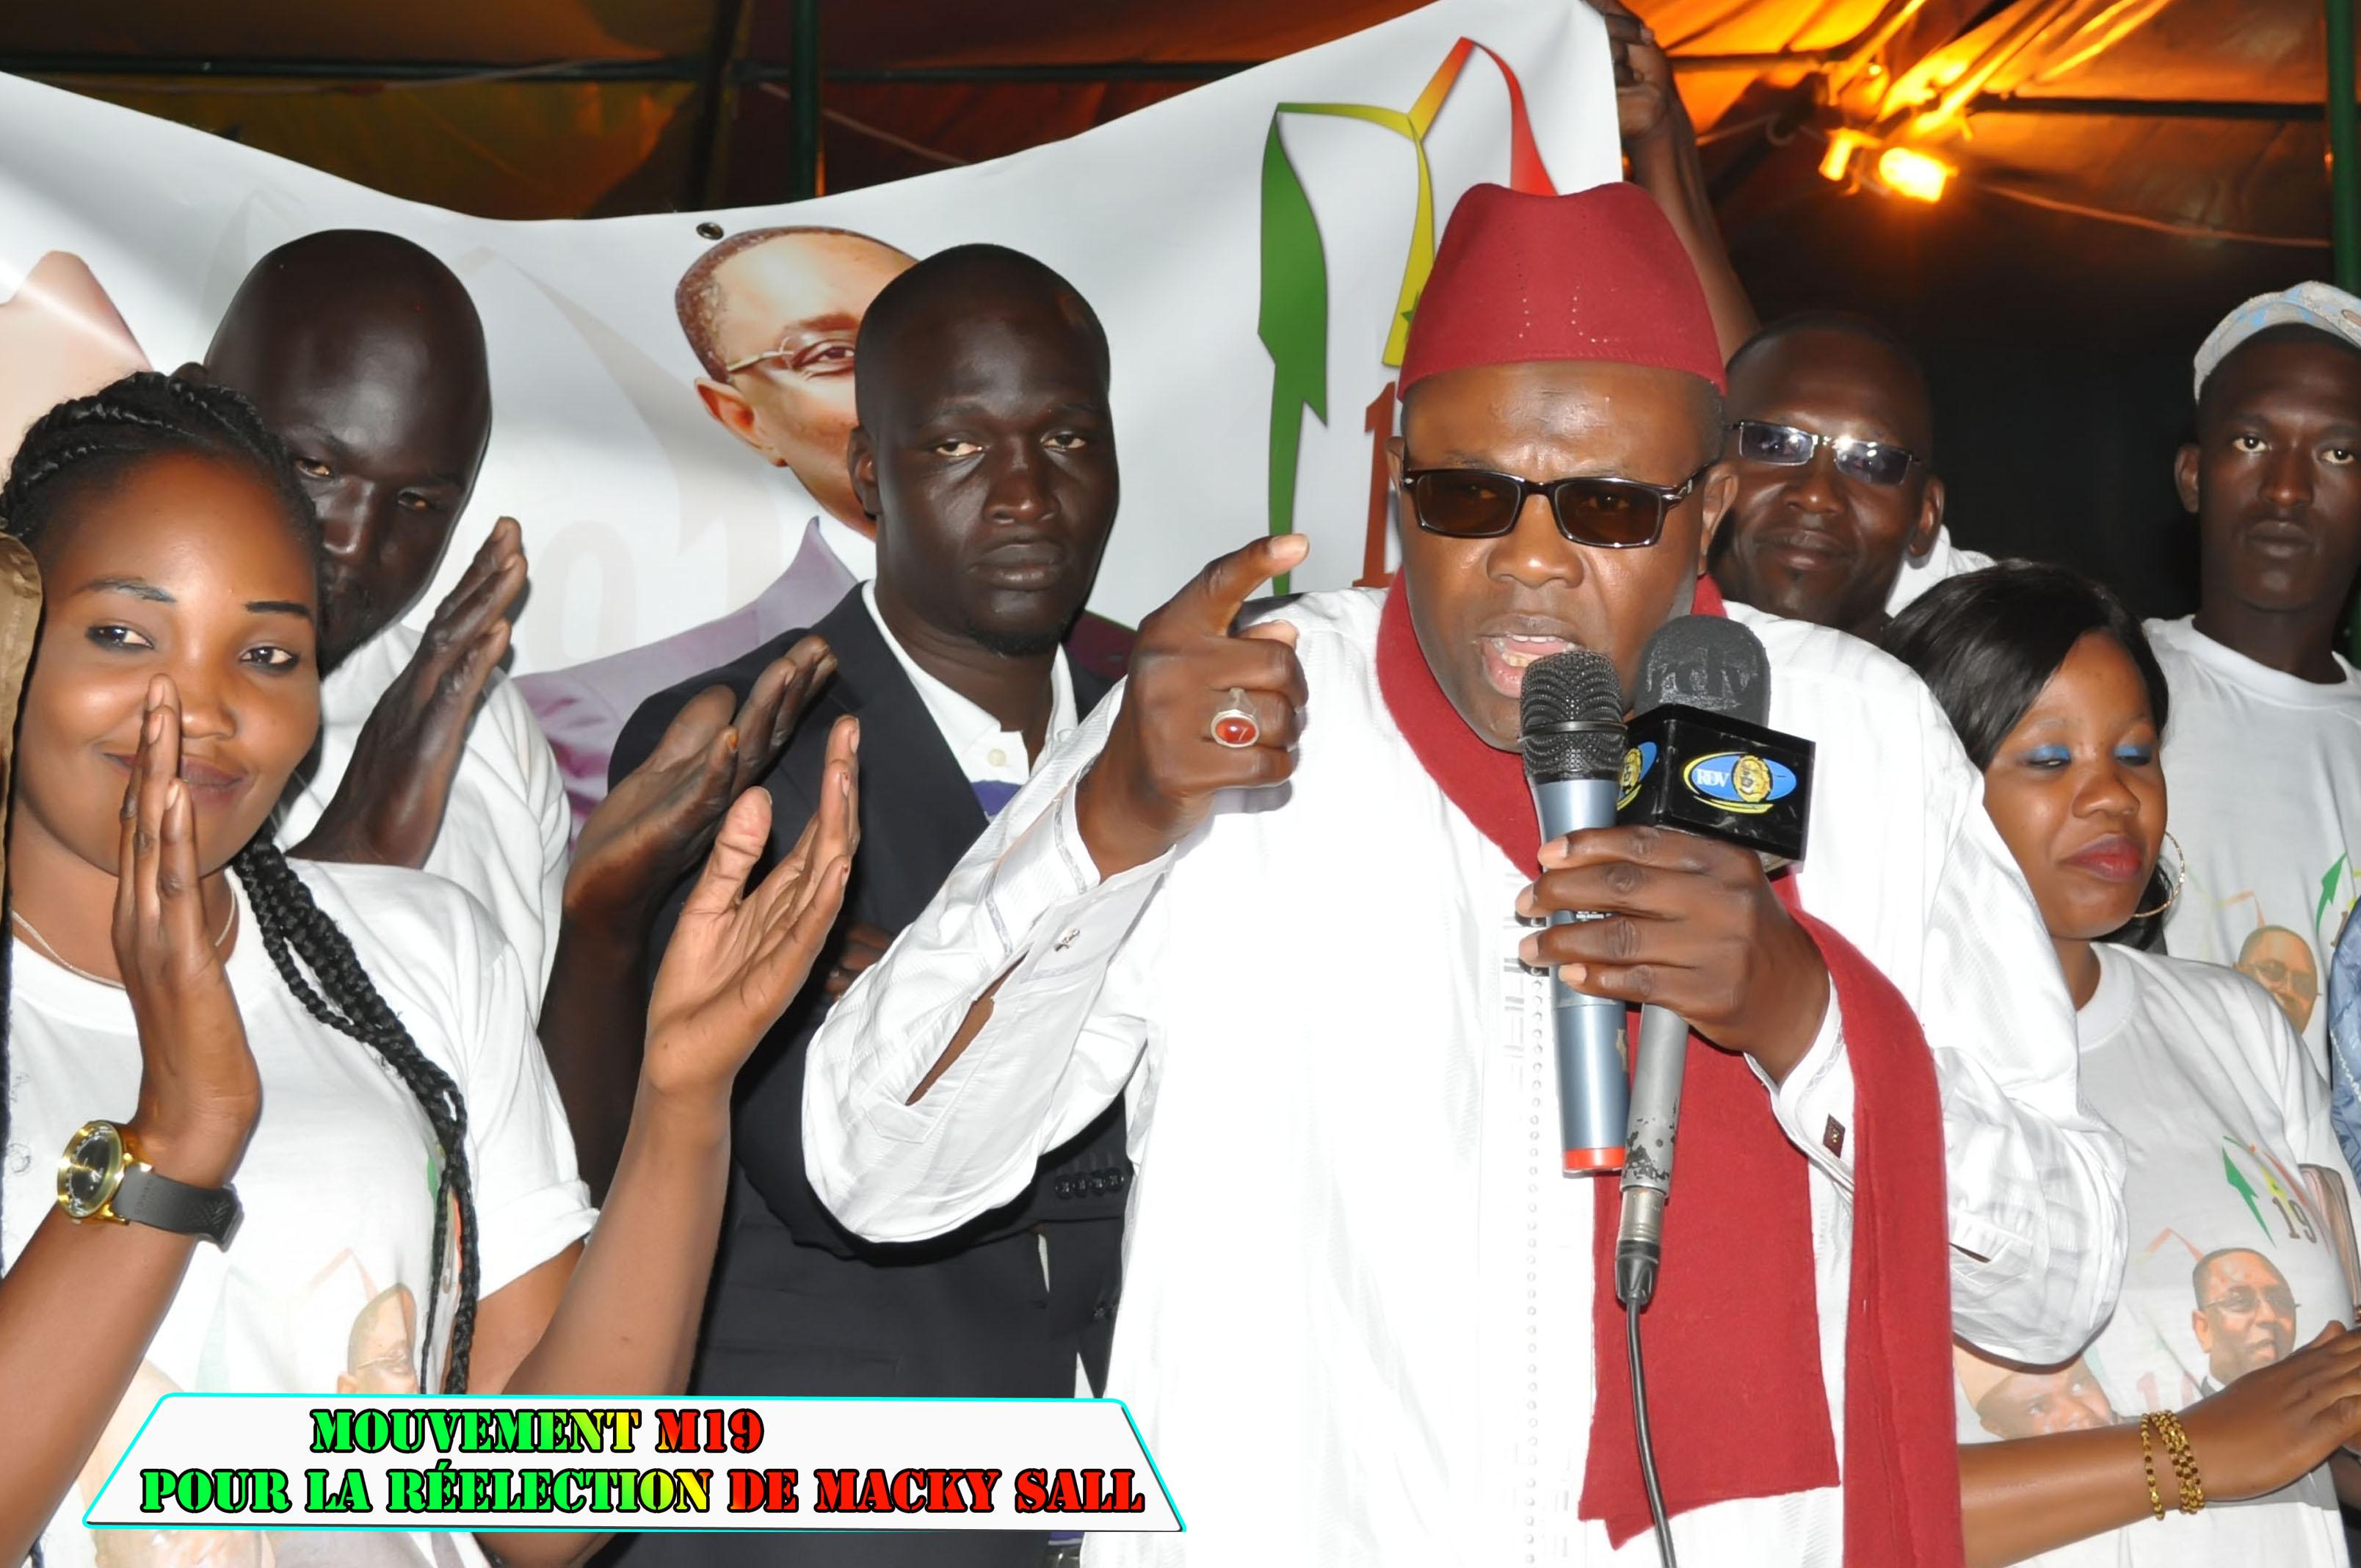 CHEIKH TIDIANE DIOUM, LE PRESIDENT DU MOUVEMENT M19, PREVIEN: « Les mouvements de soutien seront d'un apport décisif pour le Président Macky Sall en 2019 mais… »